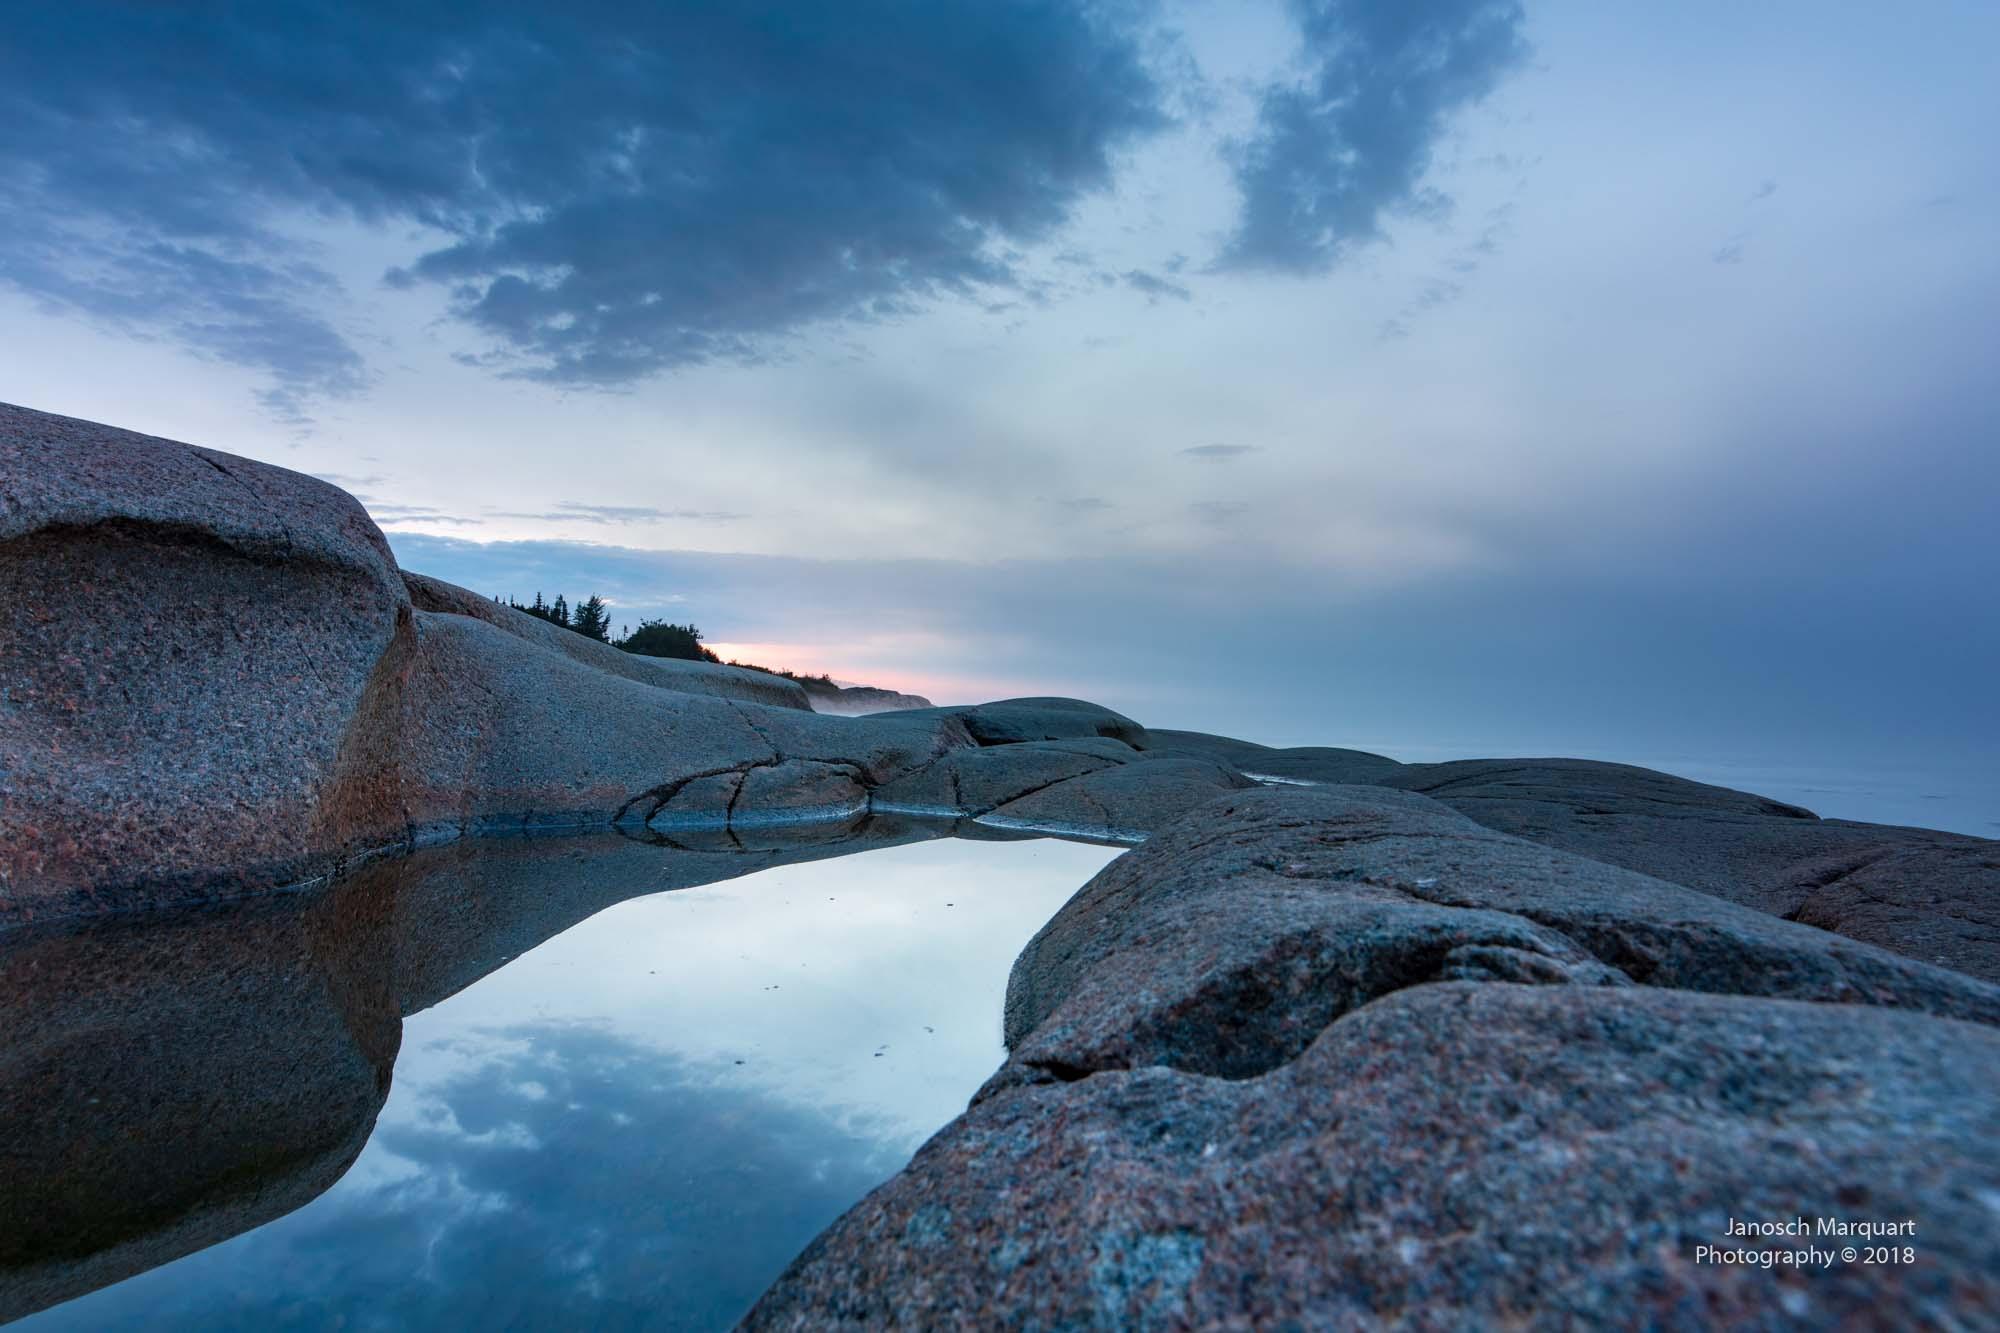 Foto einer Wasserspiegelung zwischen Felsen.